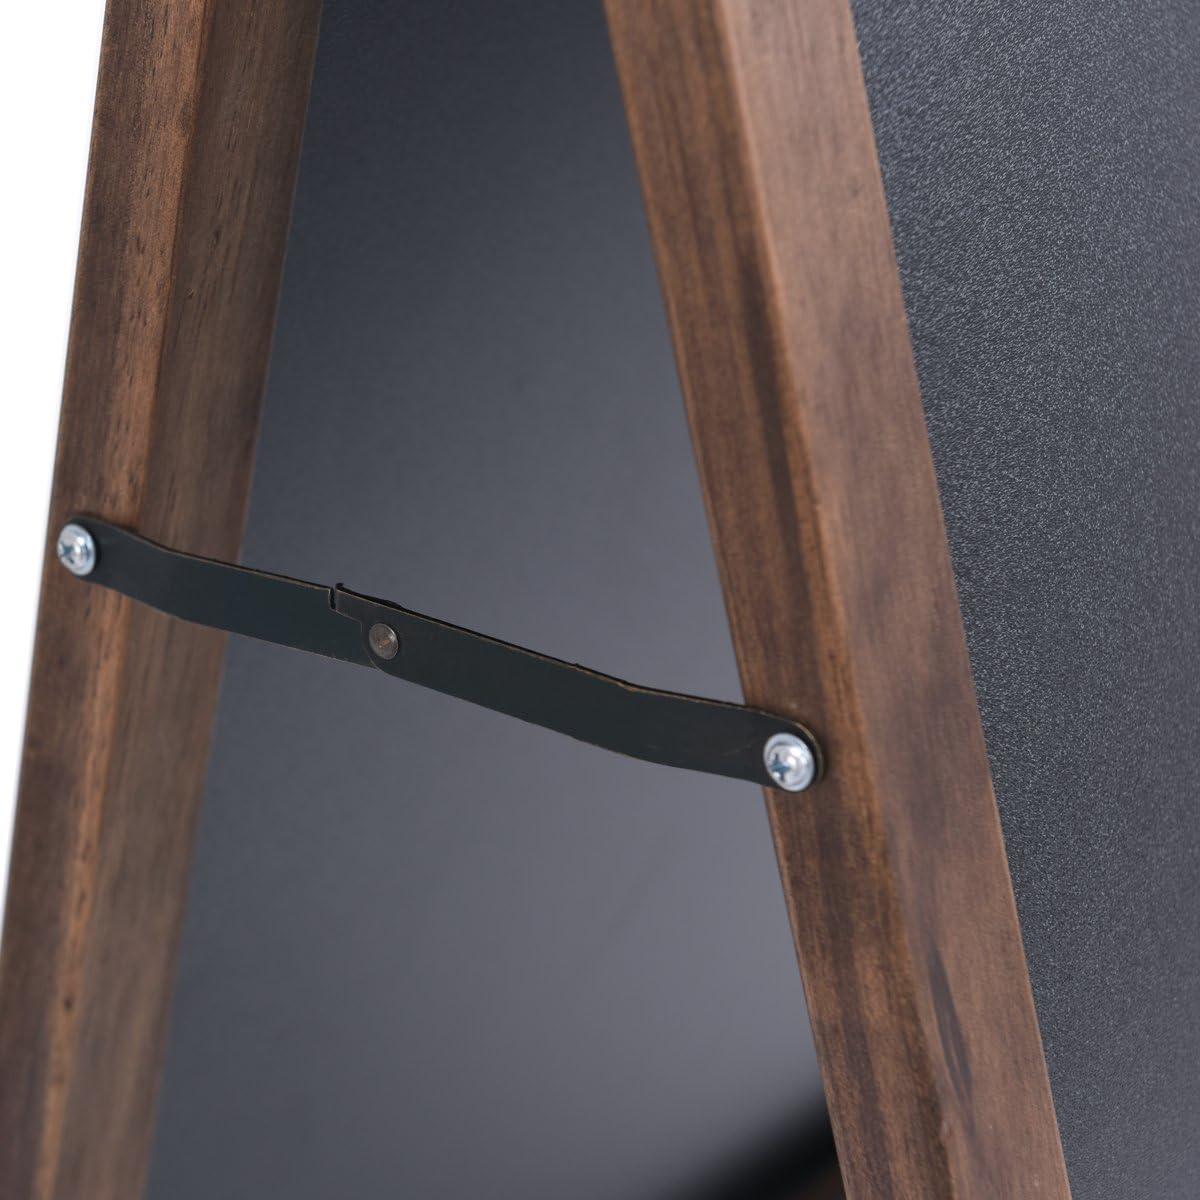 Kundenstopper aus Holz Werbetafel Kindertafel Standtafel Werbeaufsteller Schreibtafel Maltafel Modell 1 GOPLUS Kreidetafel Klappbar